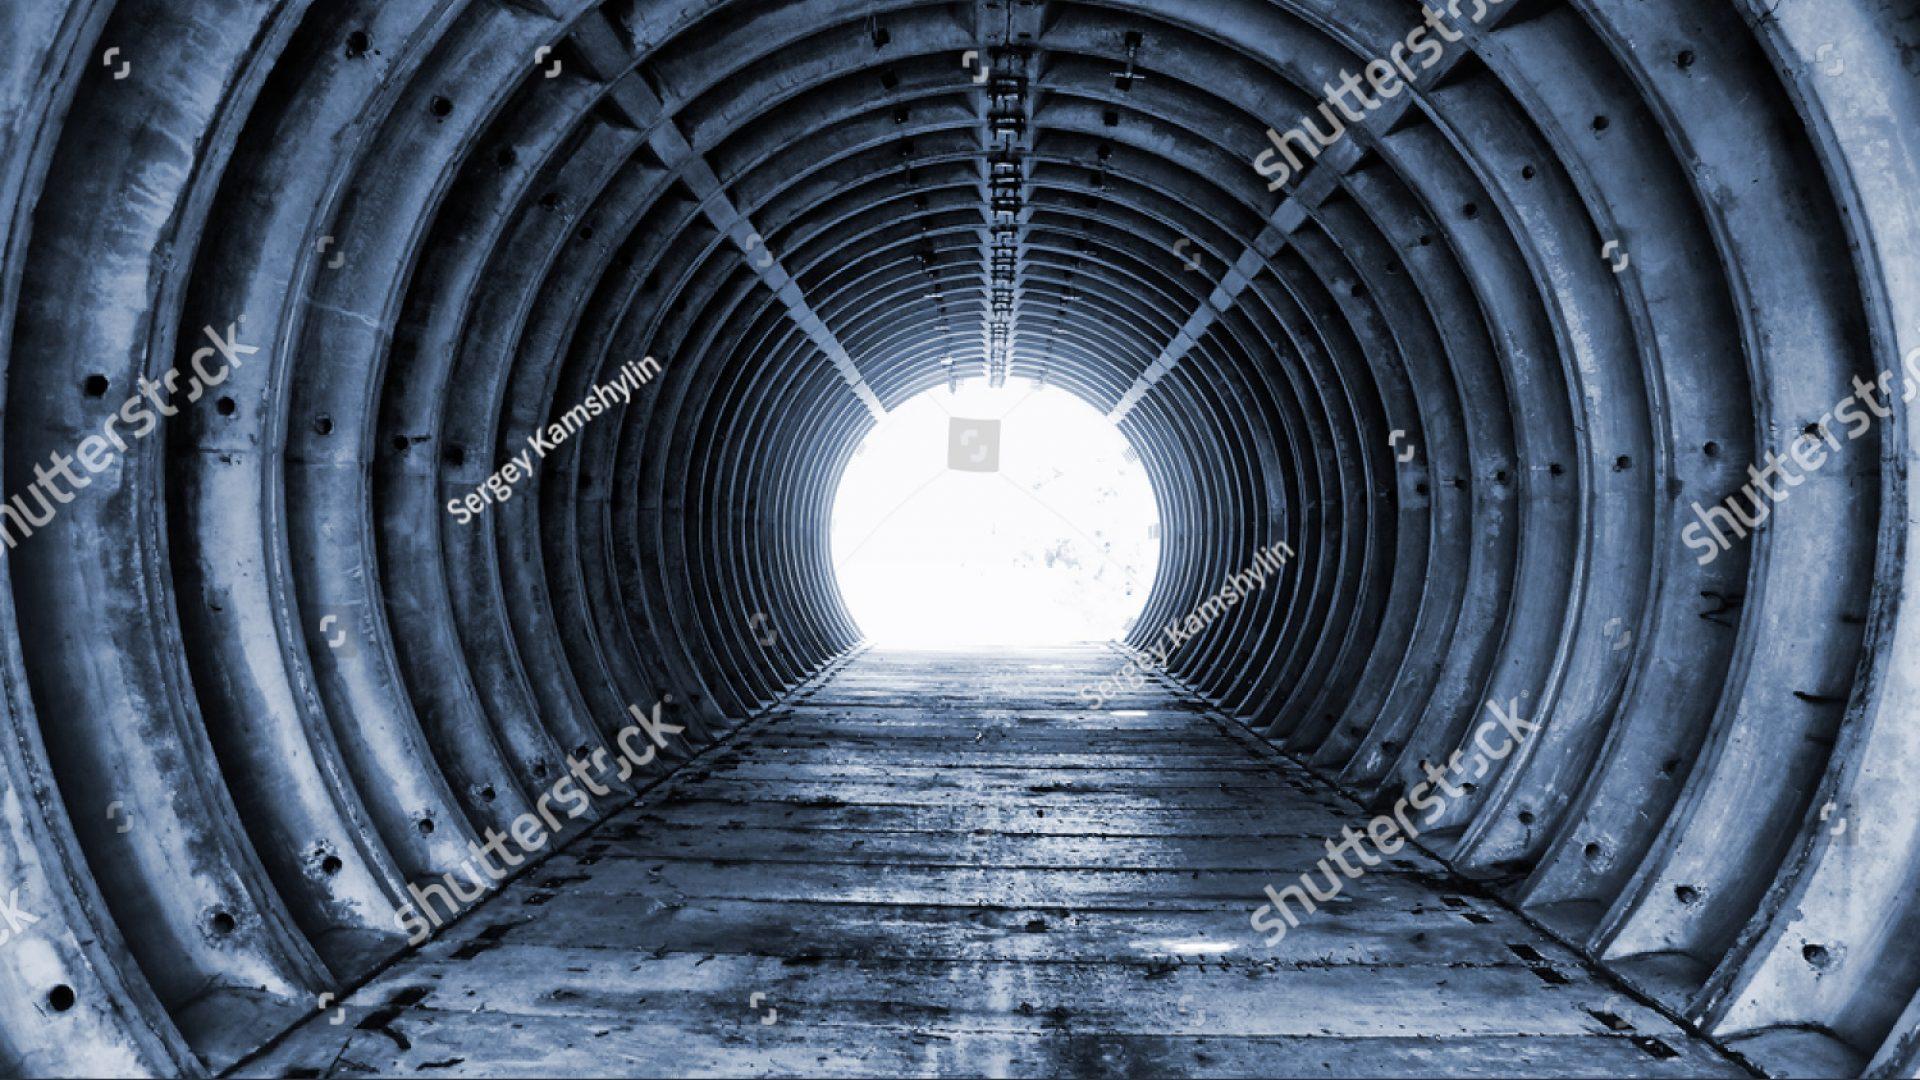 Budujemy pod ziemią. Fundamenty, piwnice, bunkry.